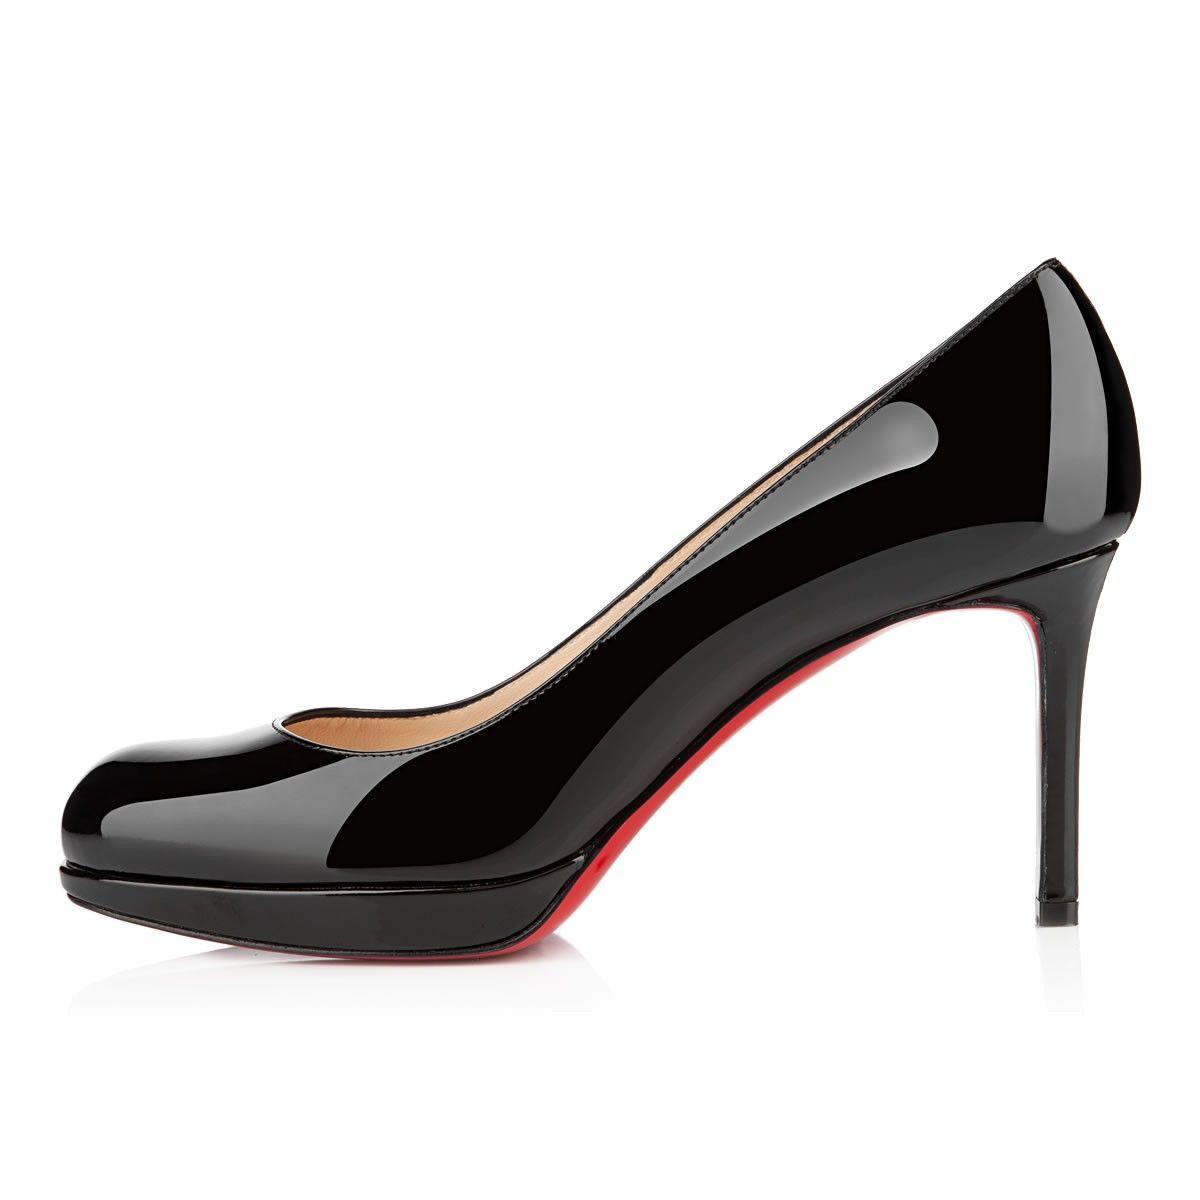 louboutin chaussures femme noir